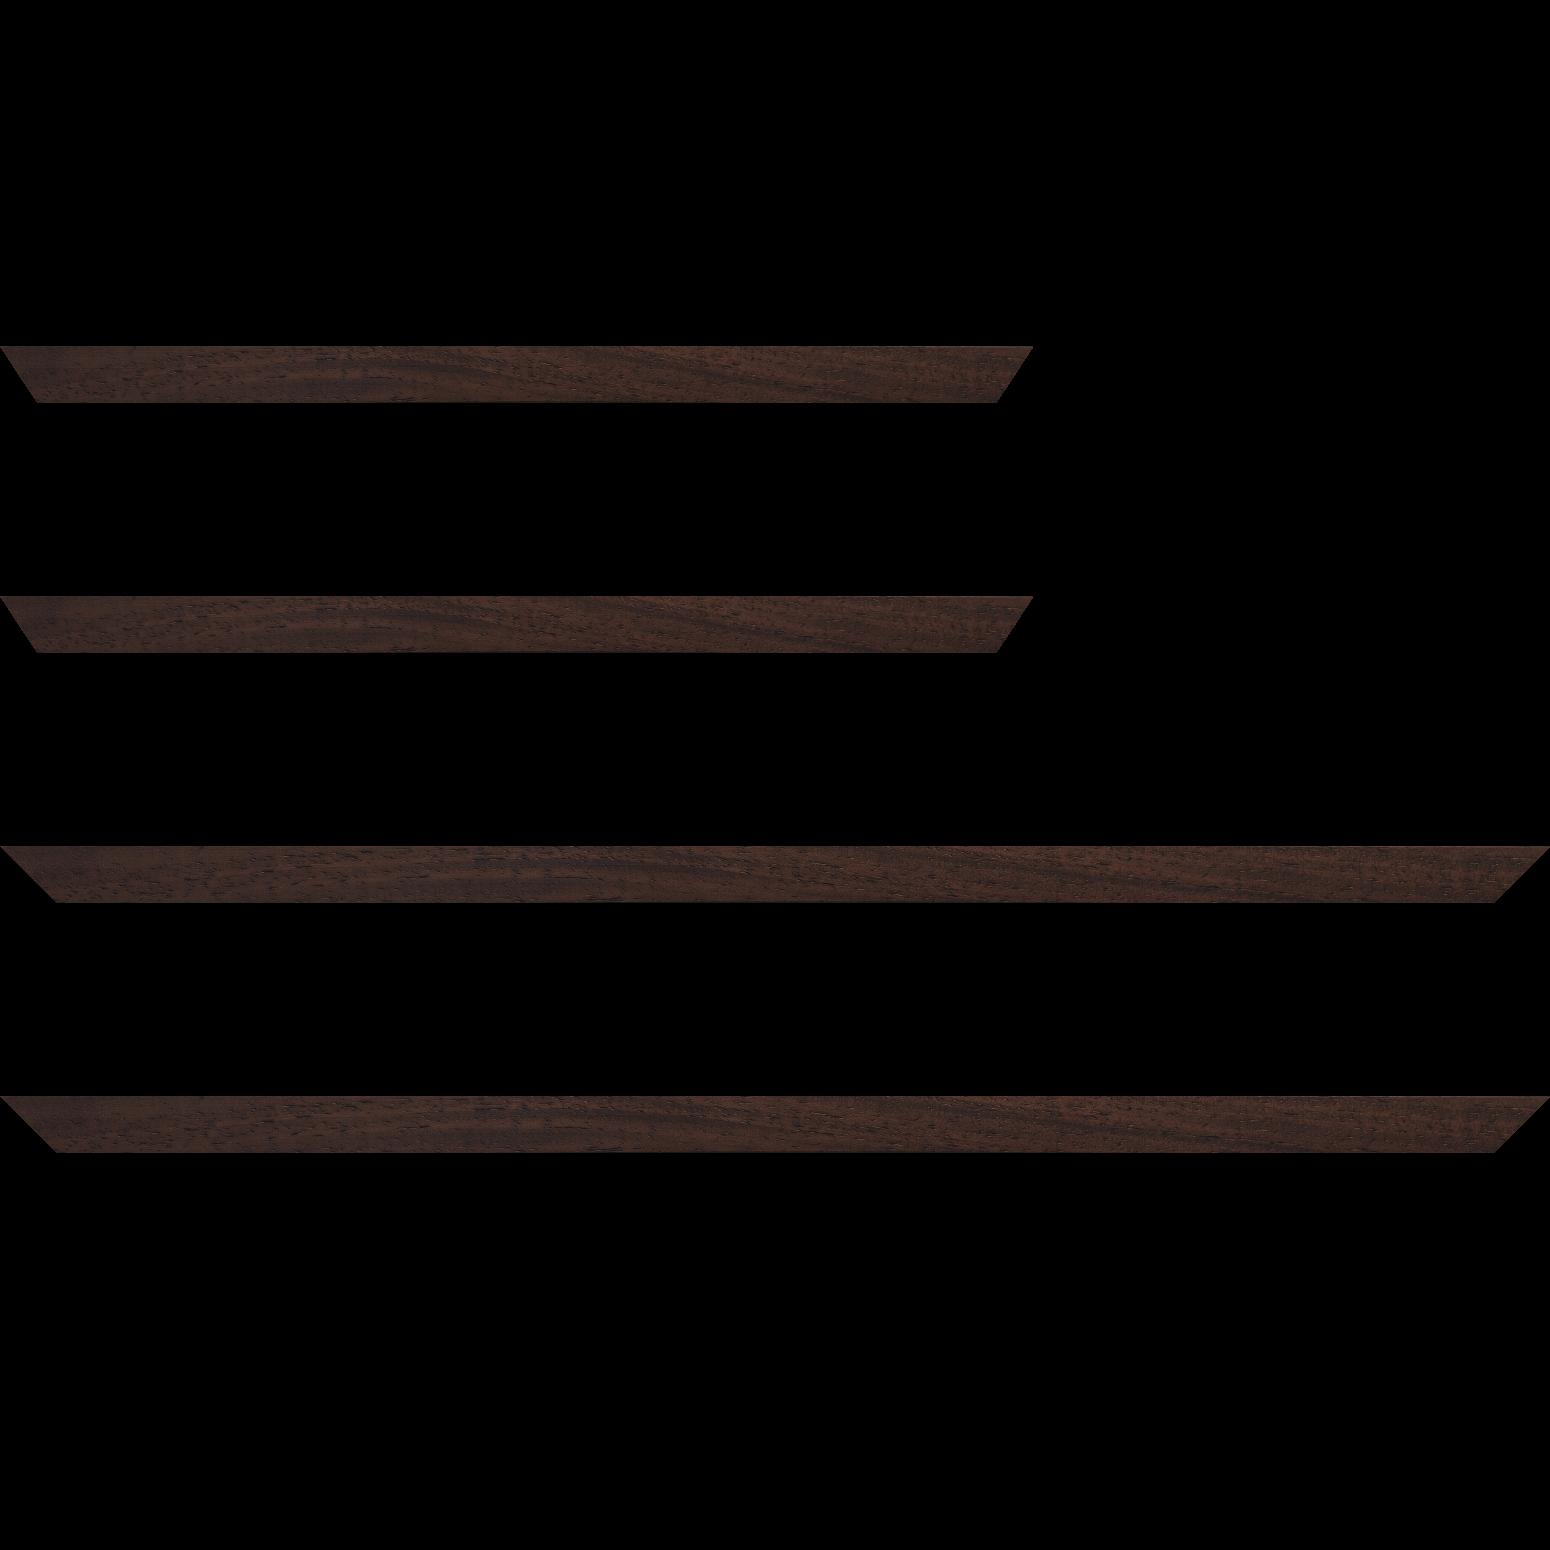 Baguette service précoupé Bois profil plat largeur 2cm couleur marron foncé satiné